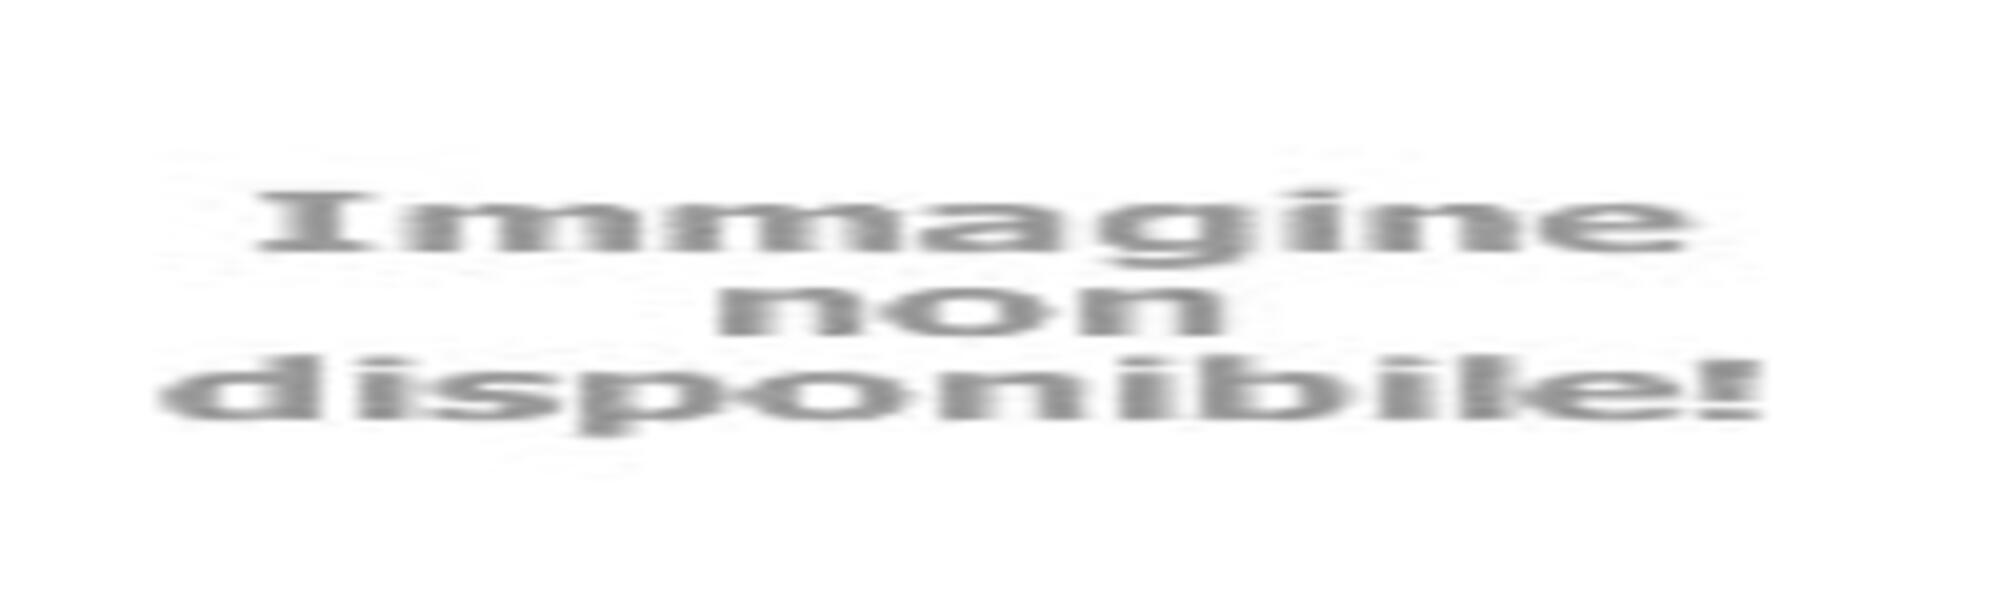 Offerta Vacanza di primavera Pasqua Hotel a Rimini